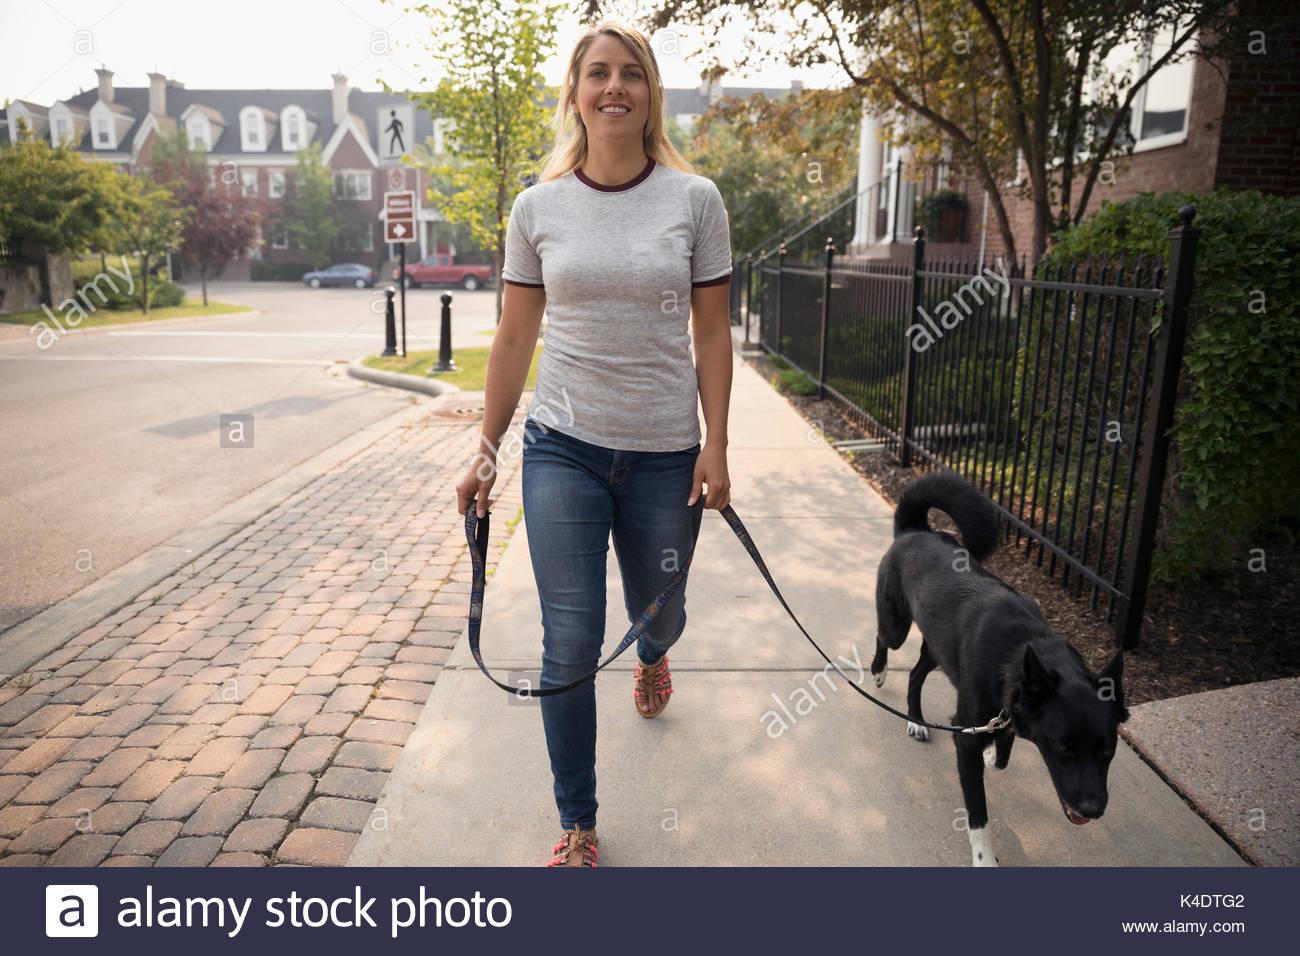 Smiling woman walking dog on leash on neighborhood sidewalk - Stock Image